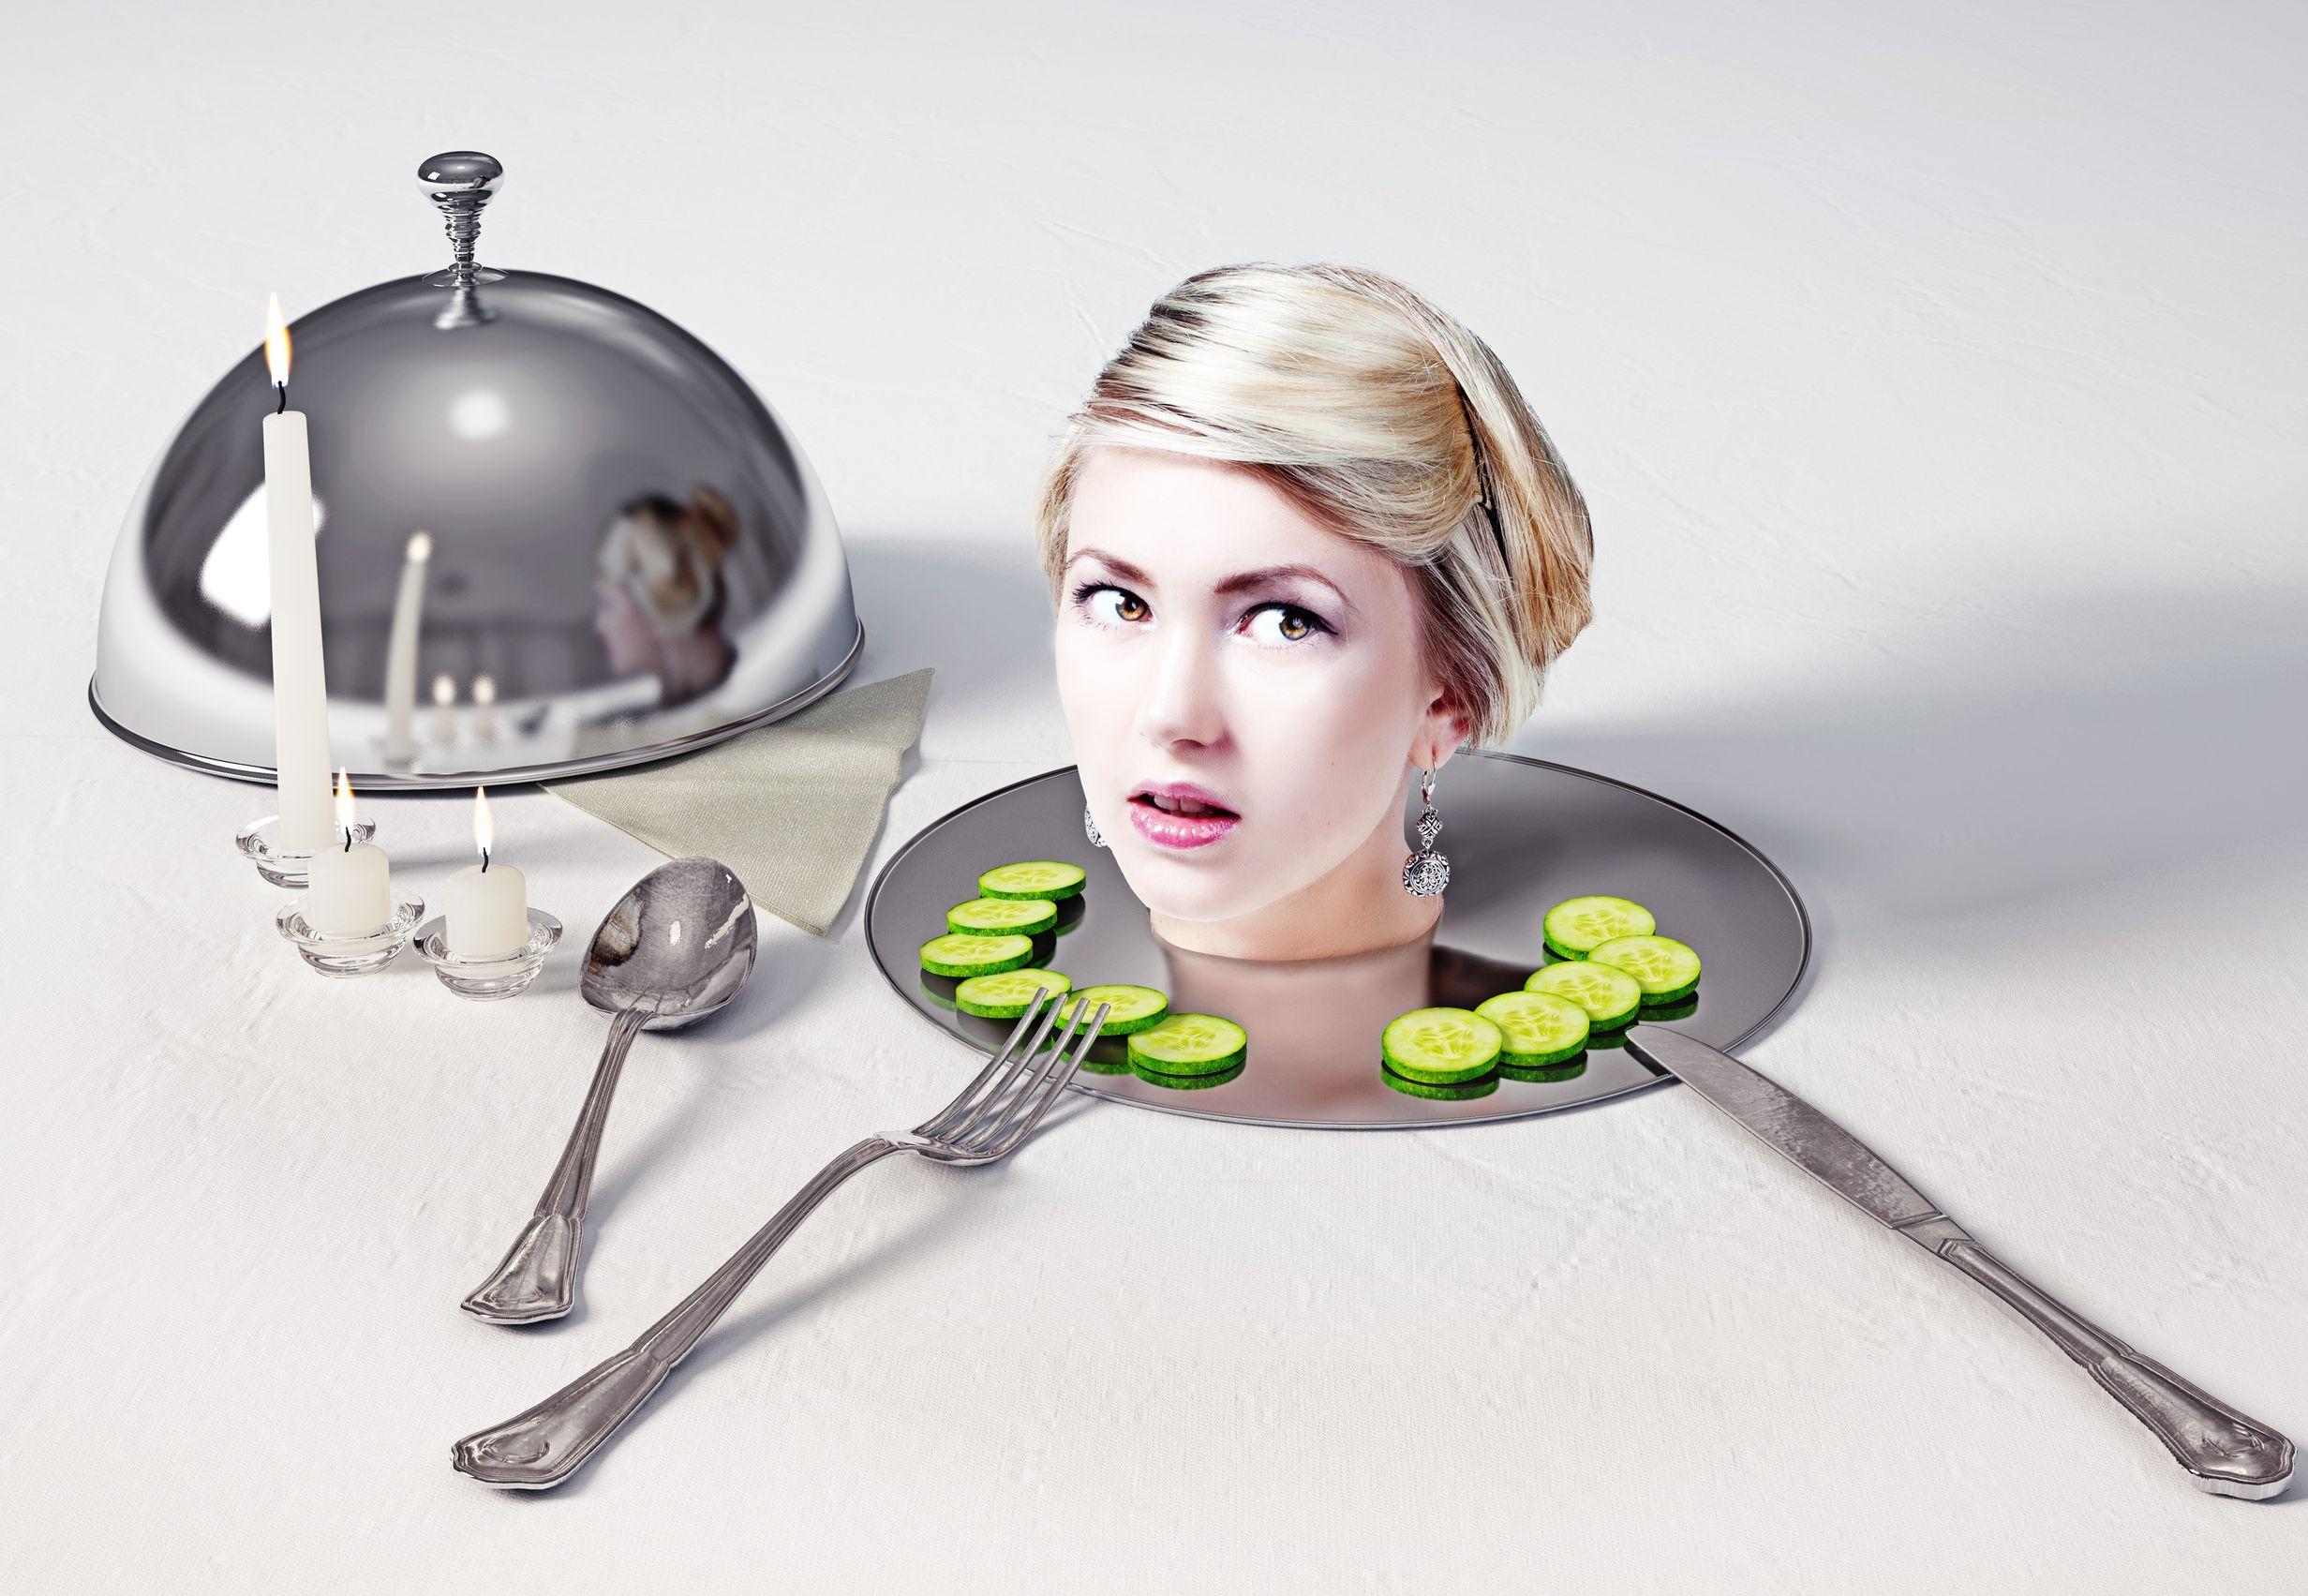 El plato está servido y resulta suculento, pero corremos el riesgo de indigestarnos.